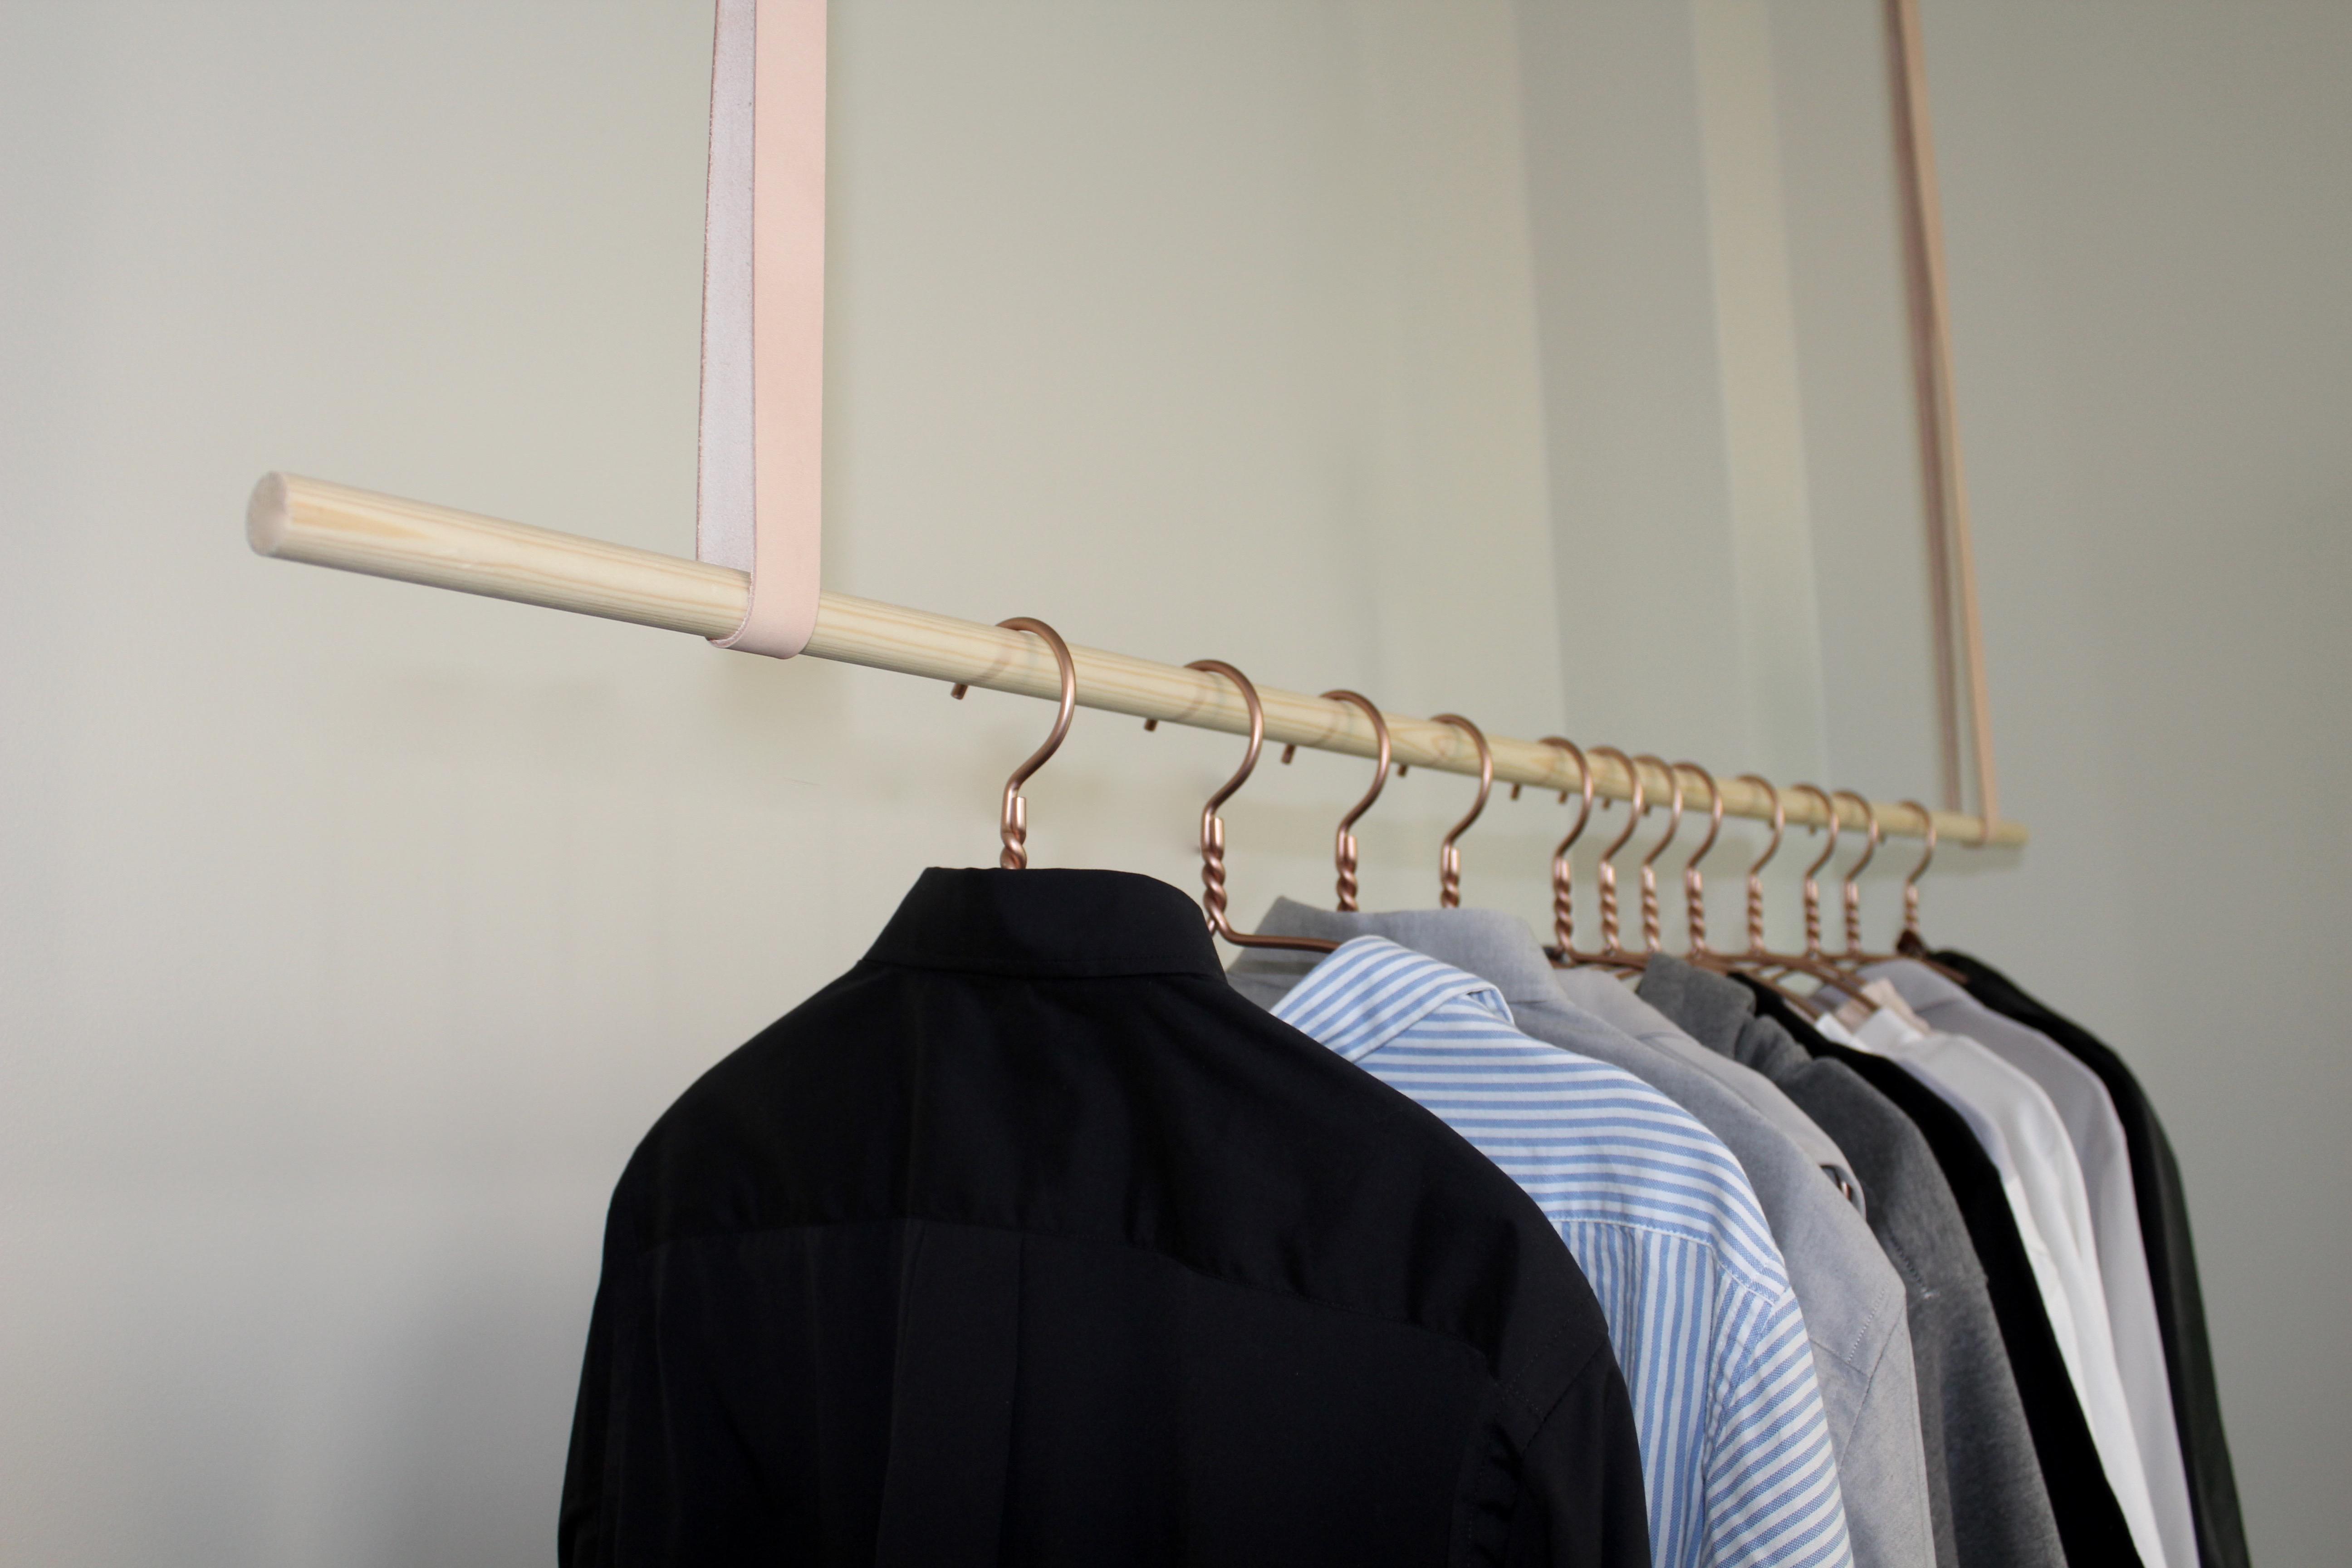 Tøjstativ med metalstang i læderremme hængende ned fra loftet